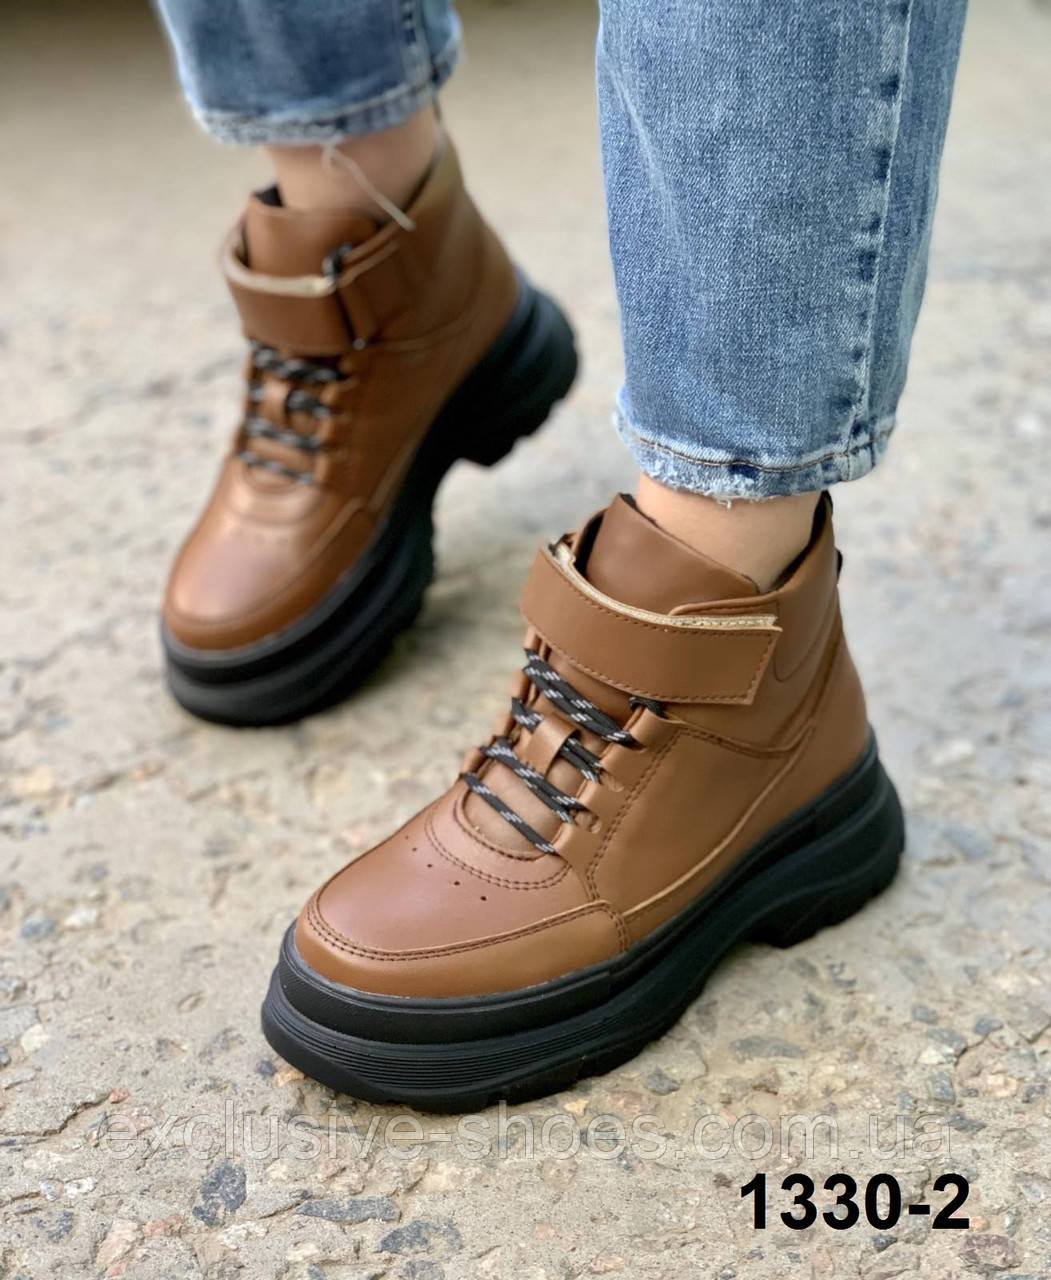 Шкіряні коричневі жіночі чоботи демі